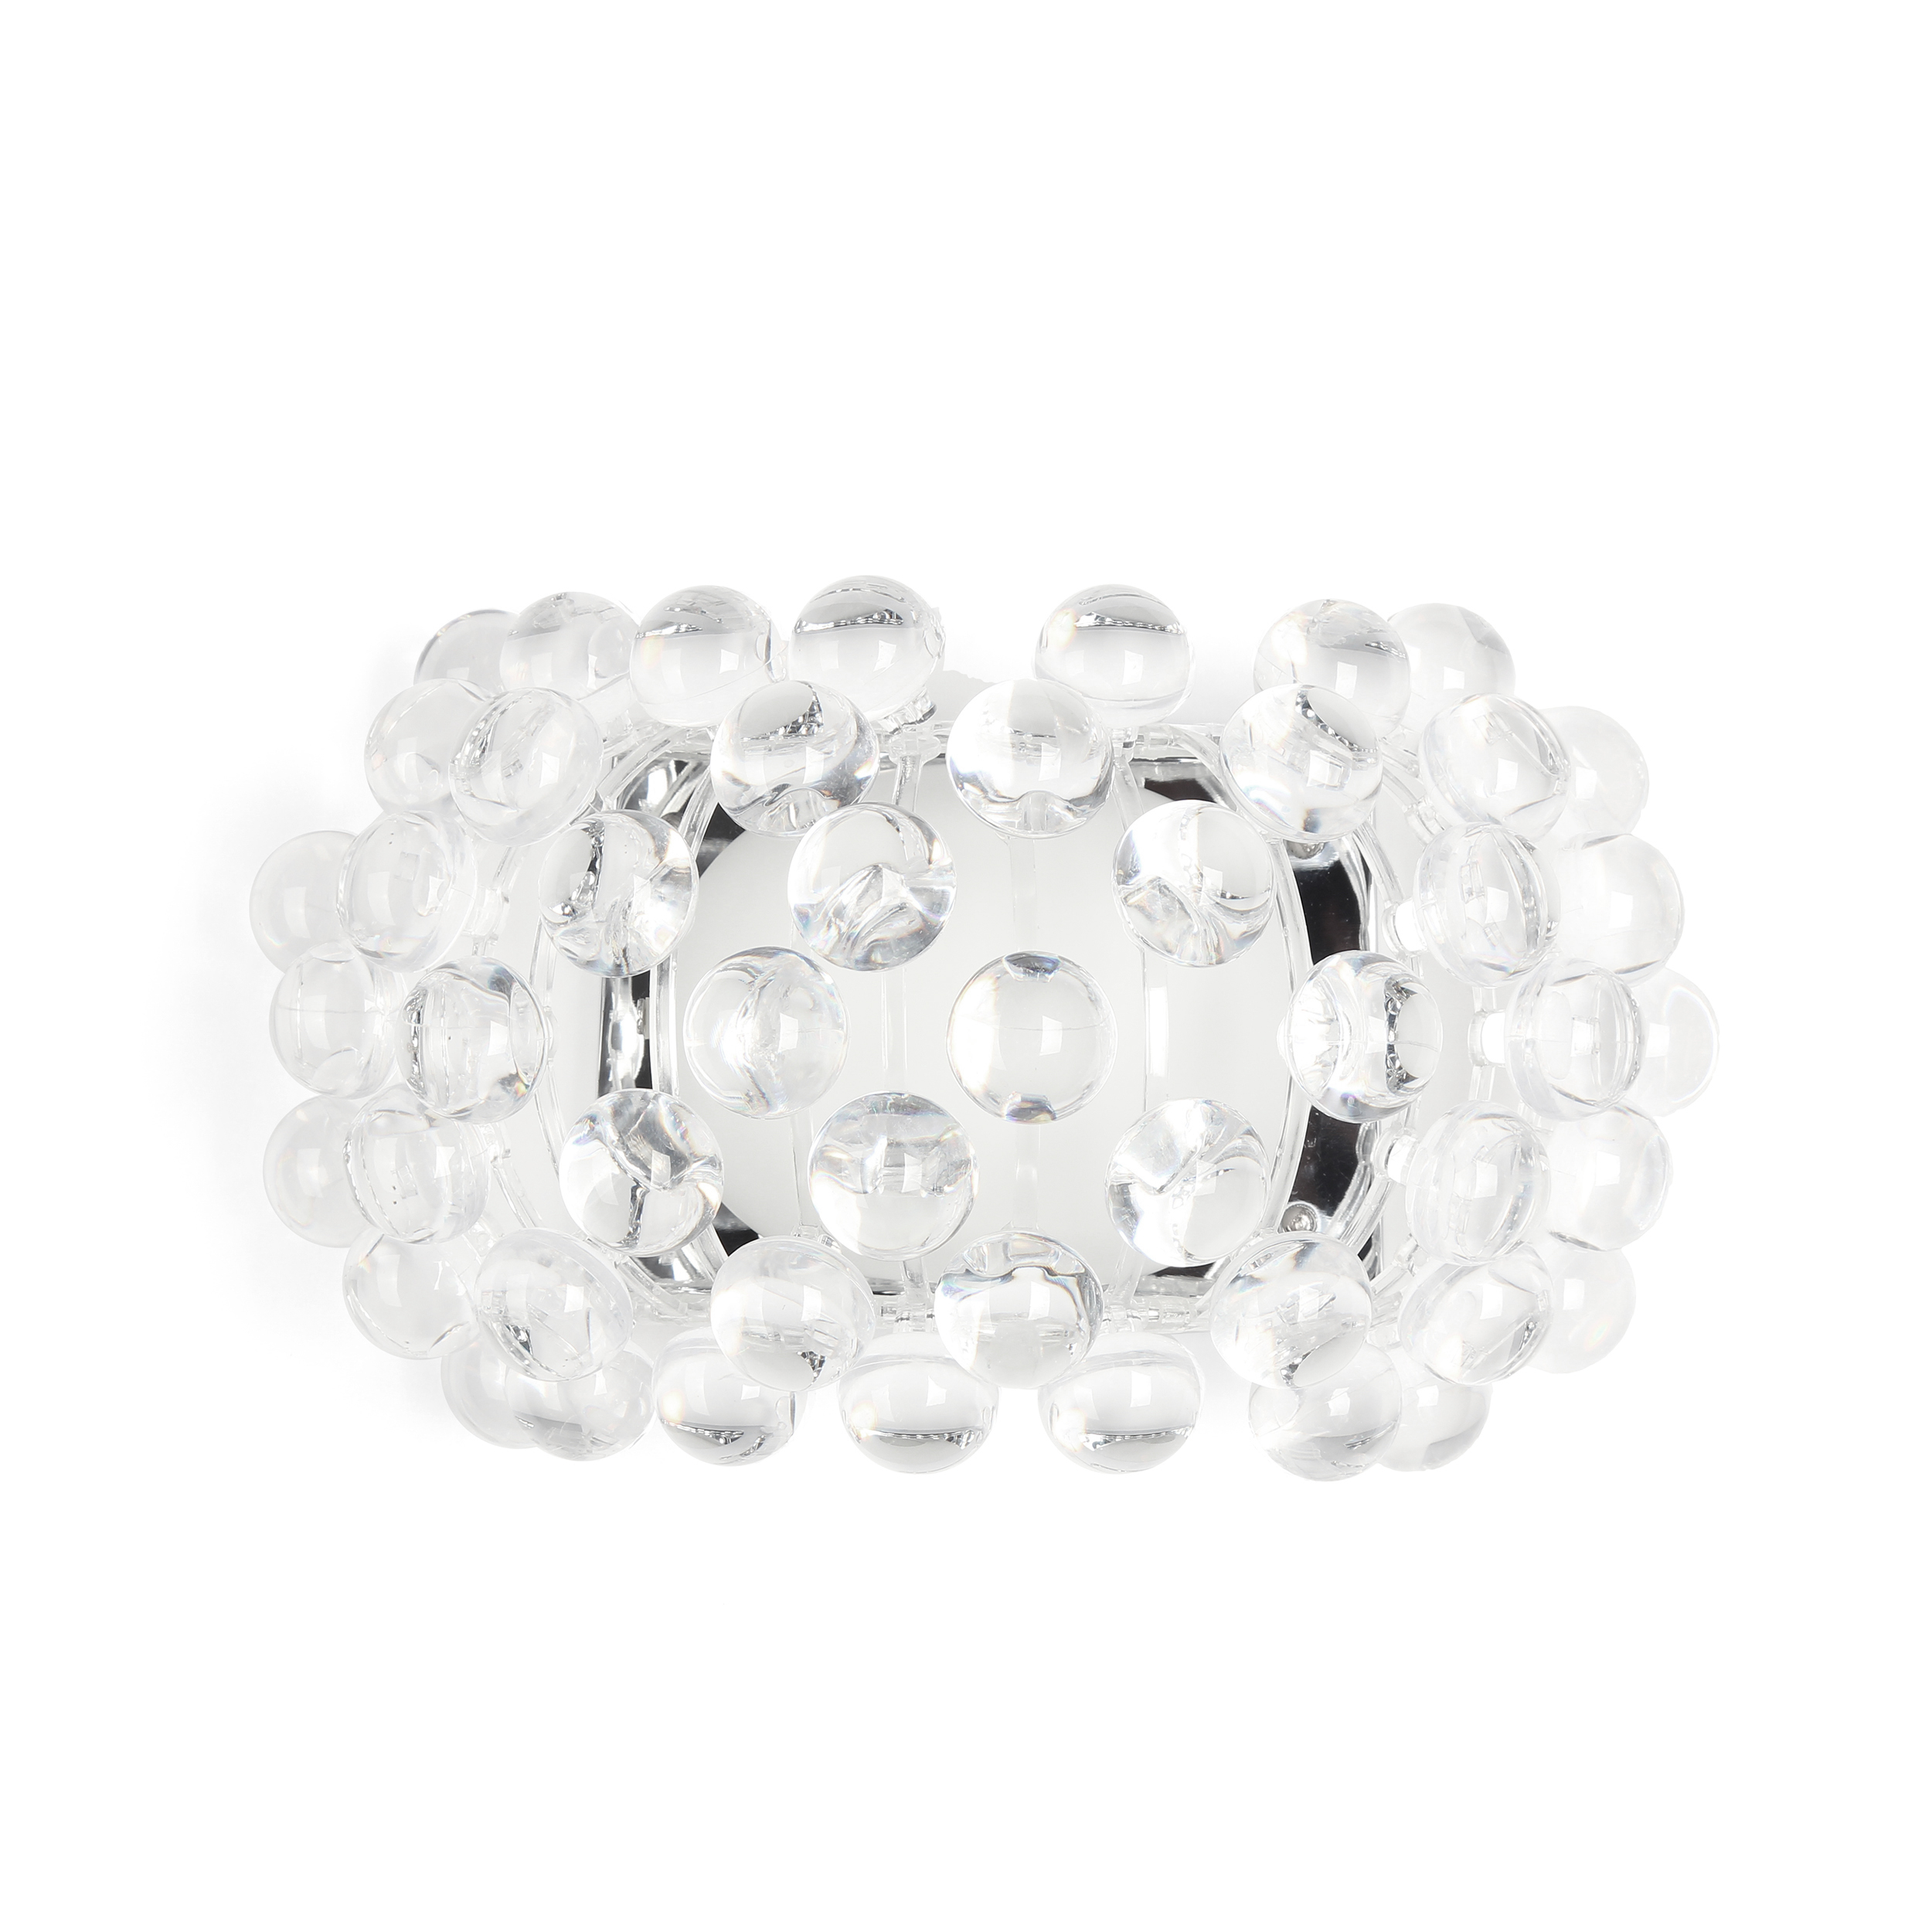 Настенный светильник Cosmo 15578310 от Cosmorelax